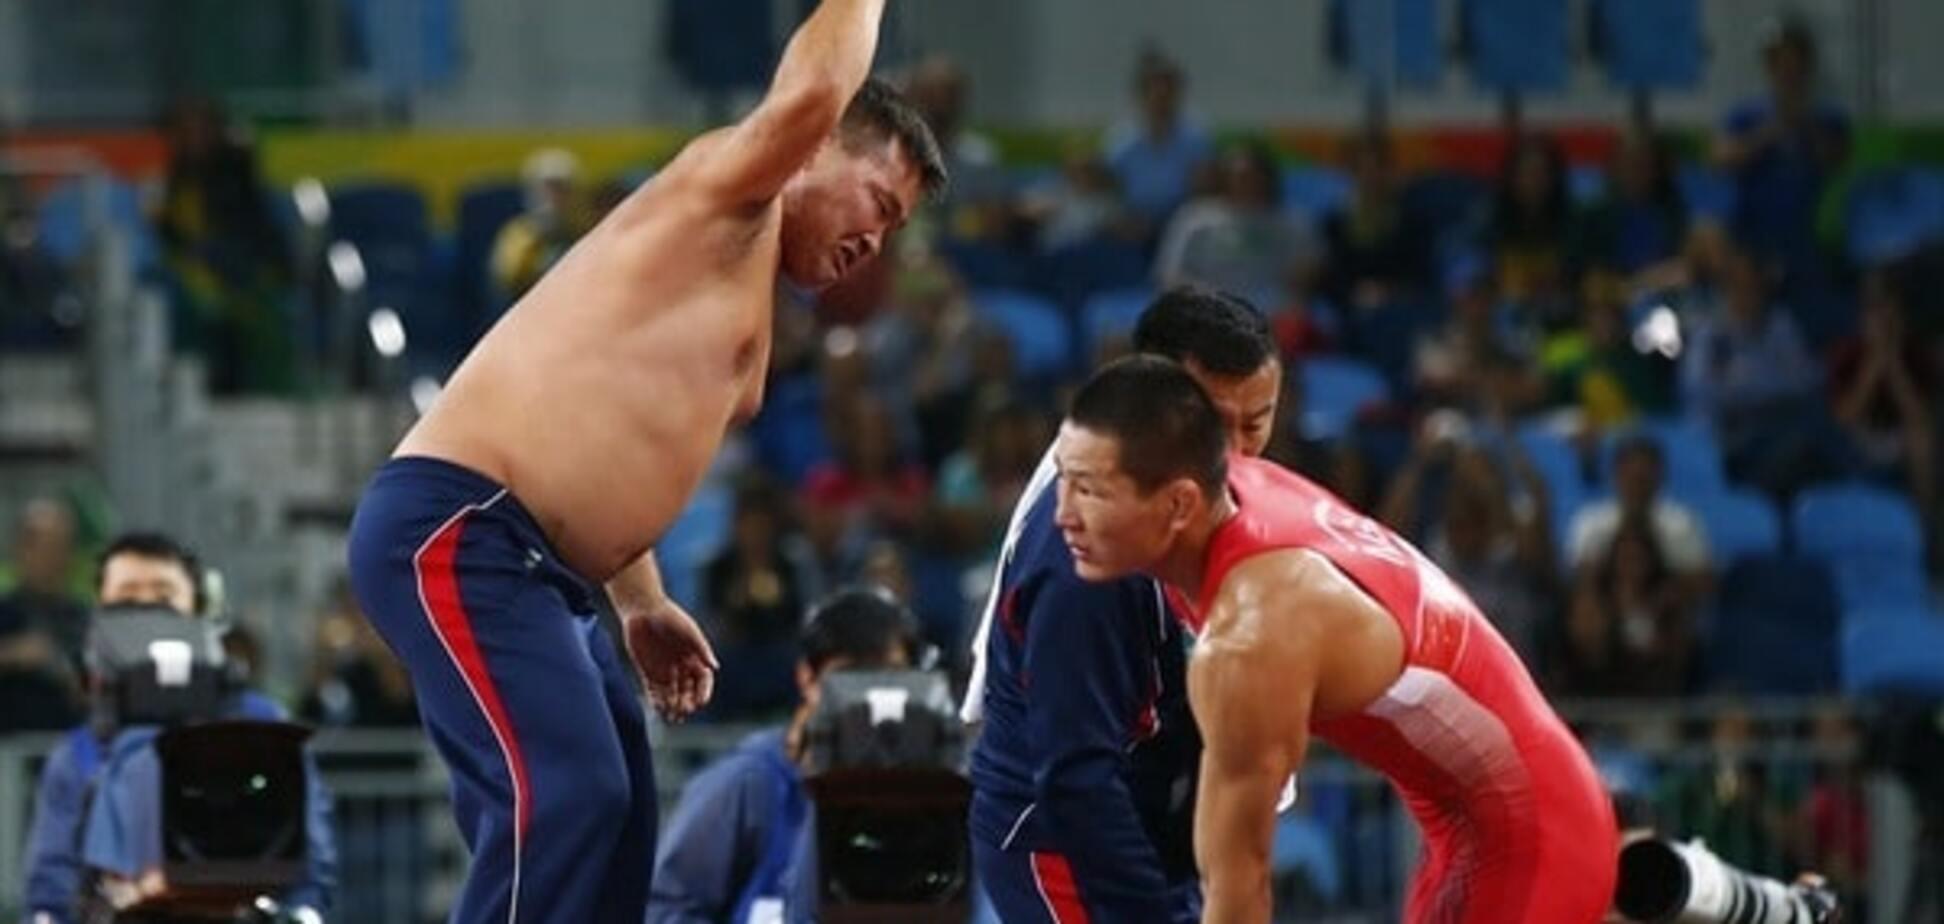 Скандал на Олимпиаде